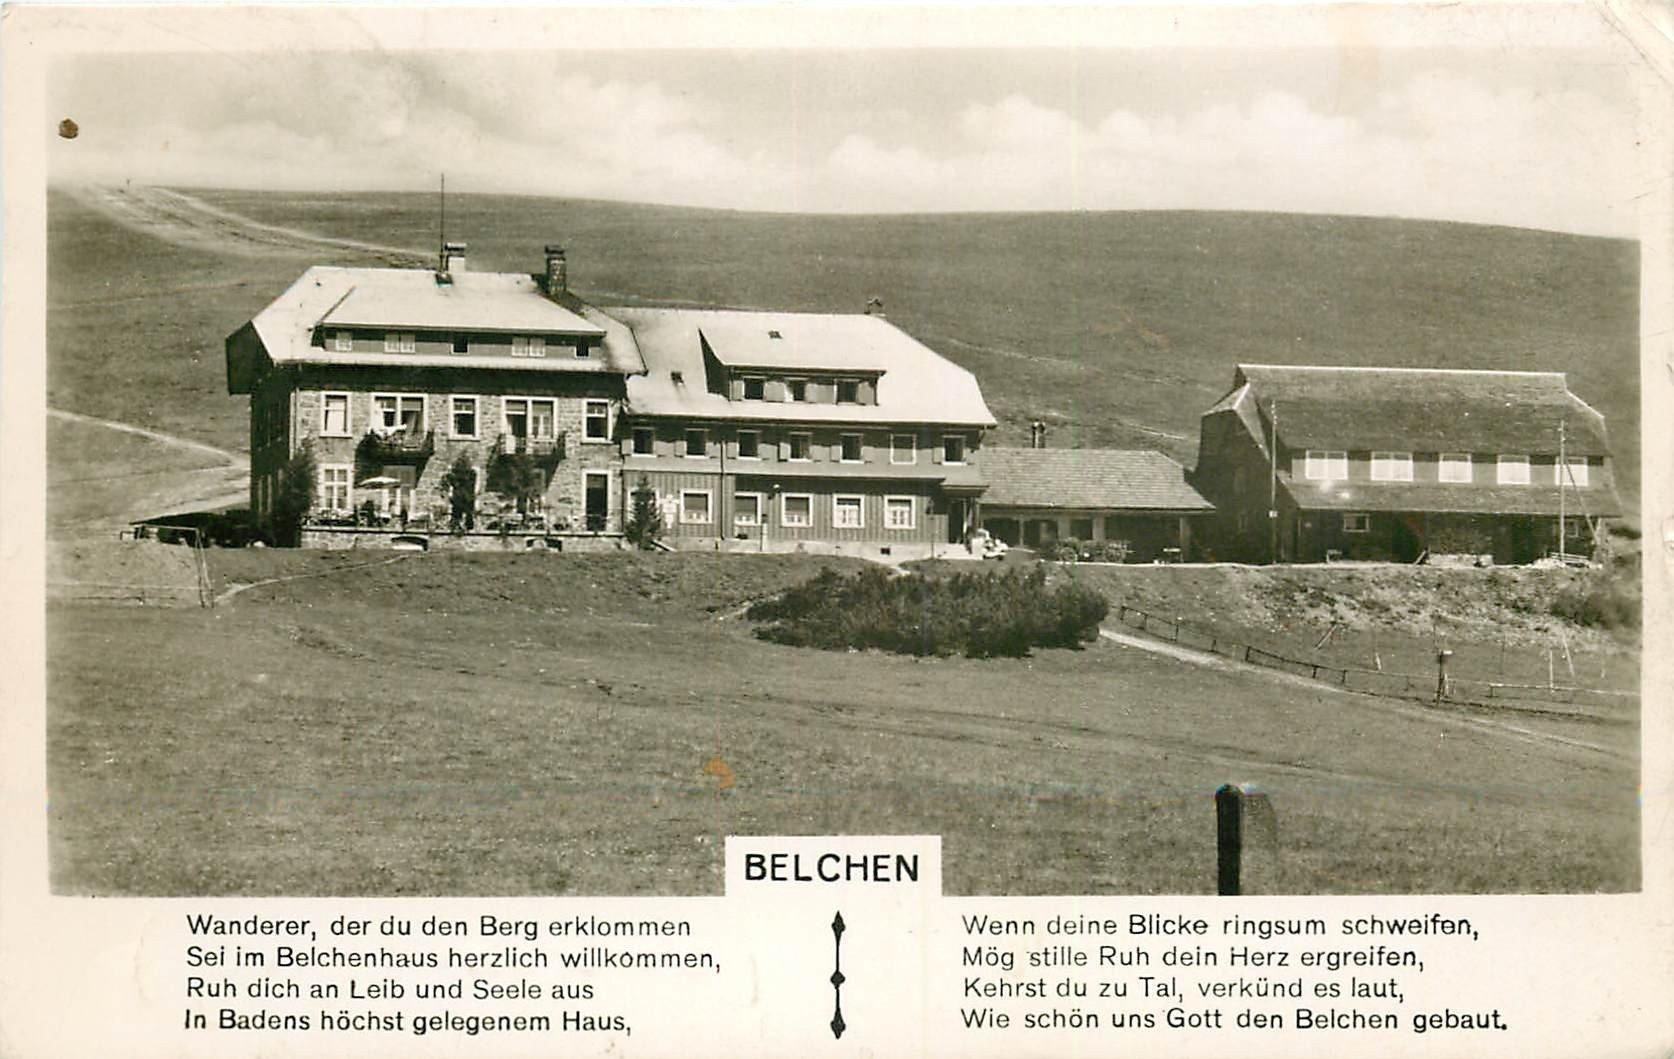 ALLEMAGNE. Belchen 1954